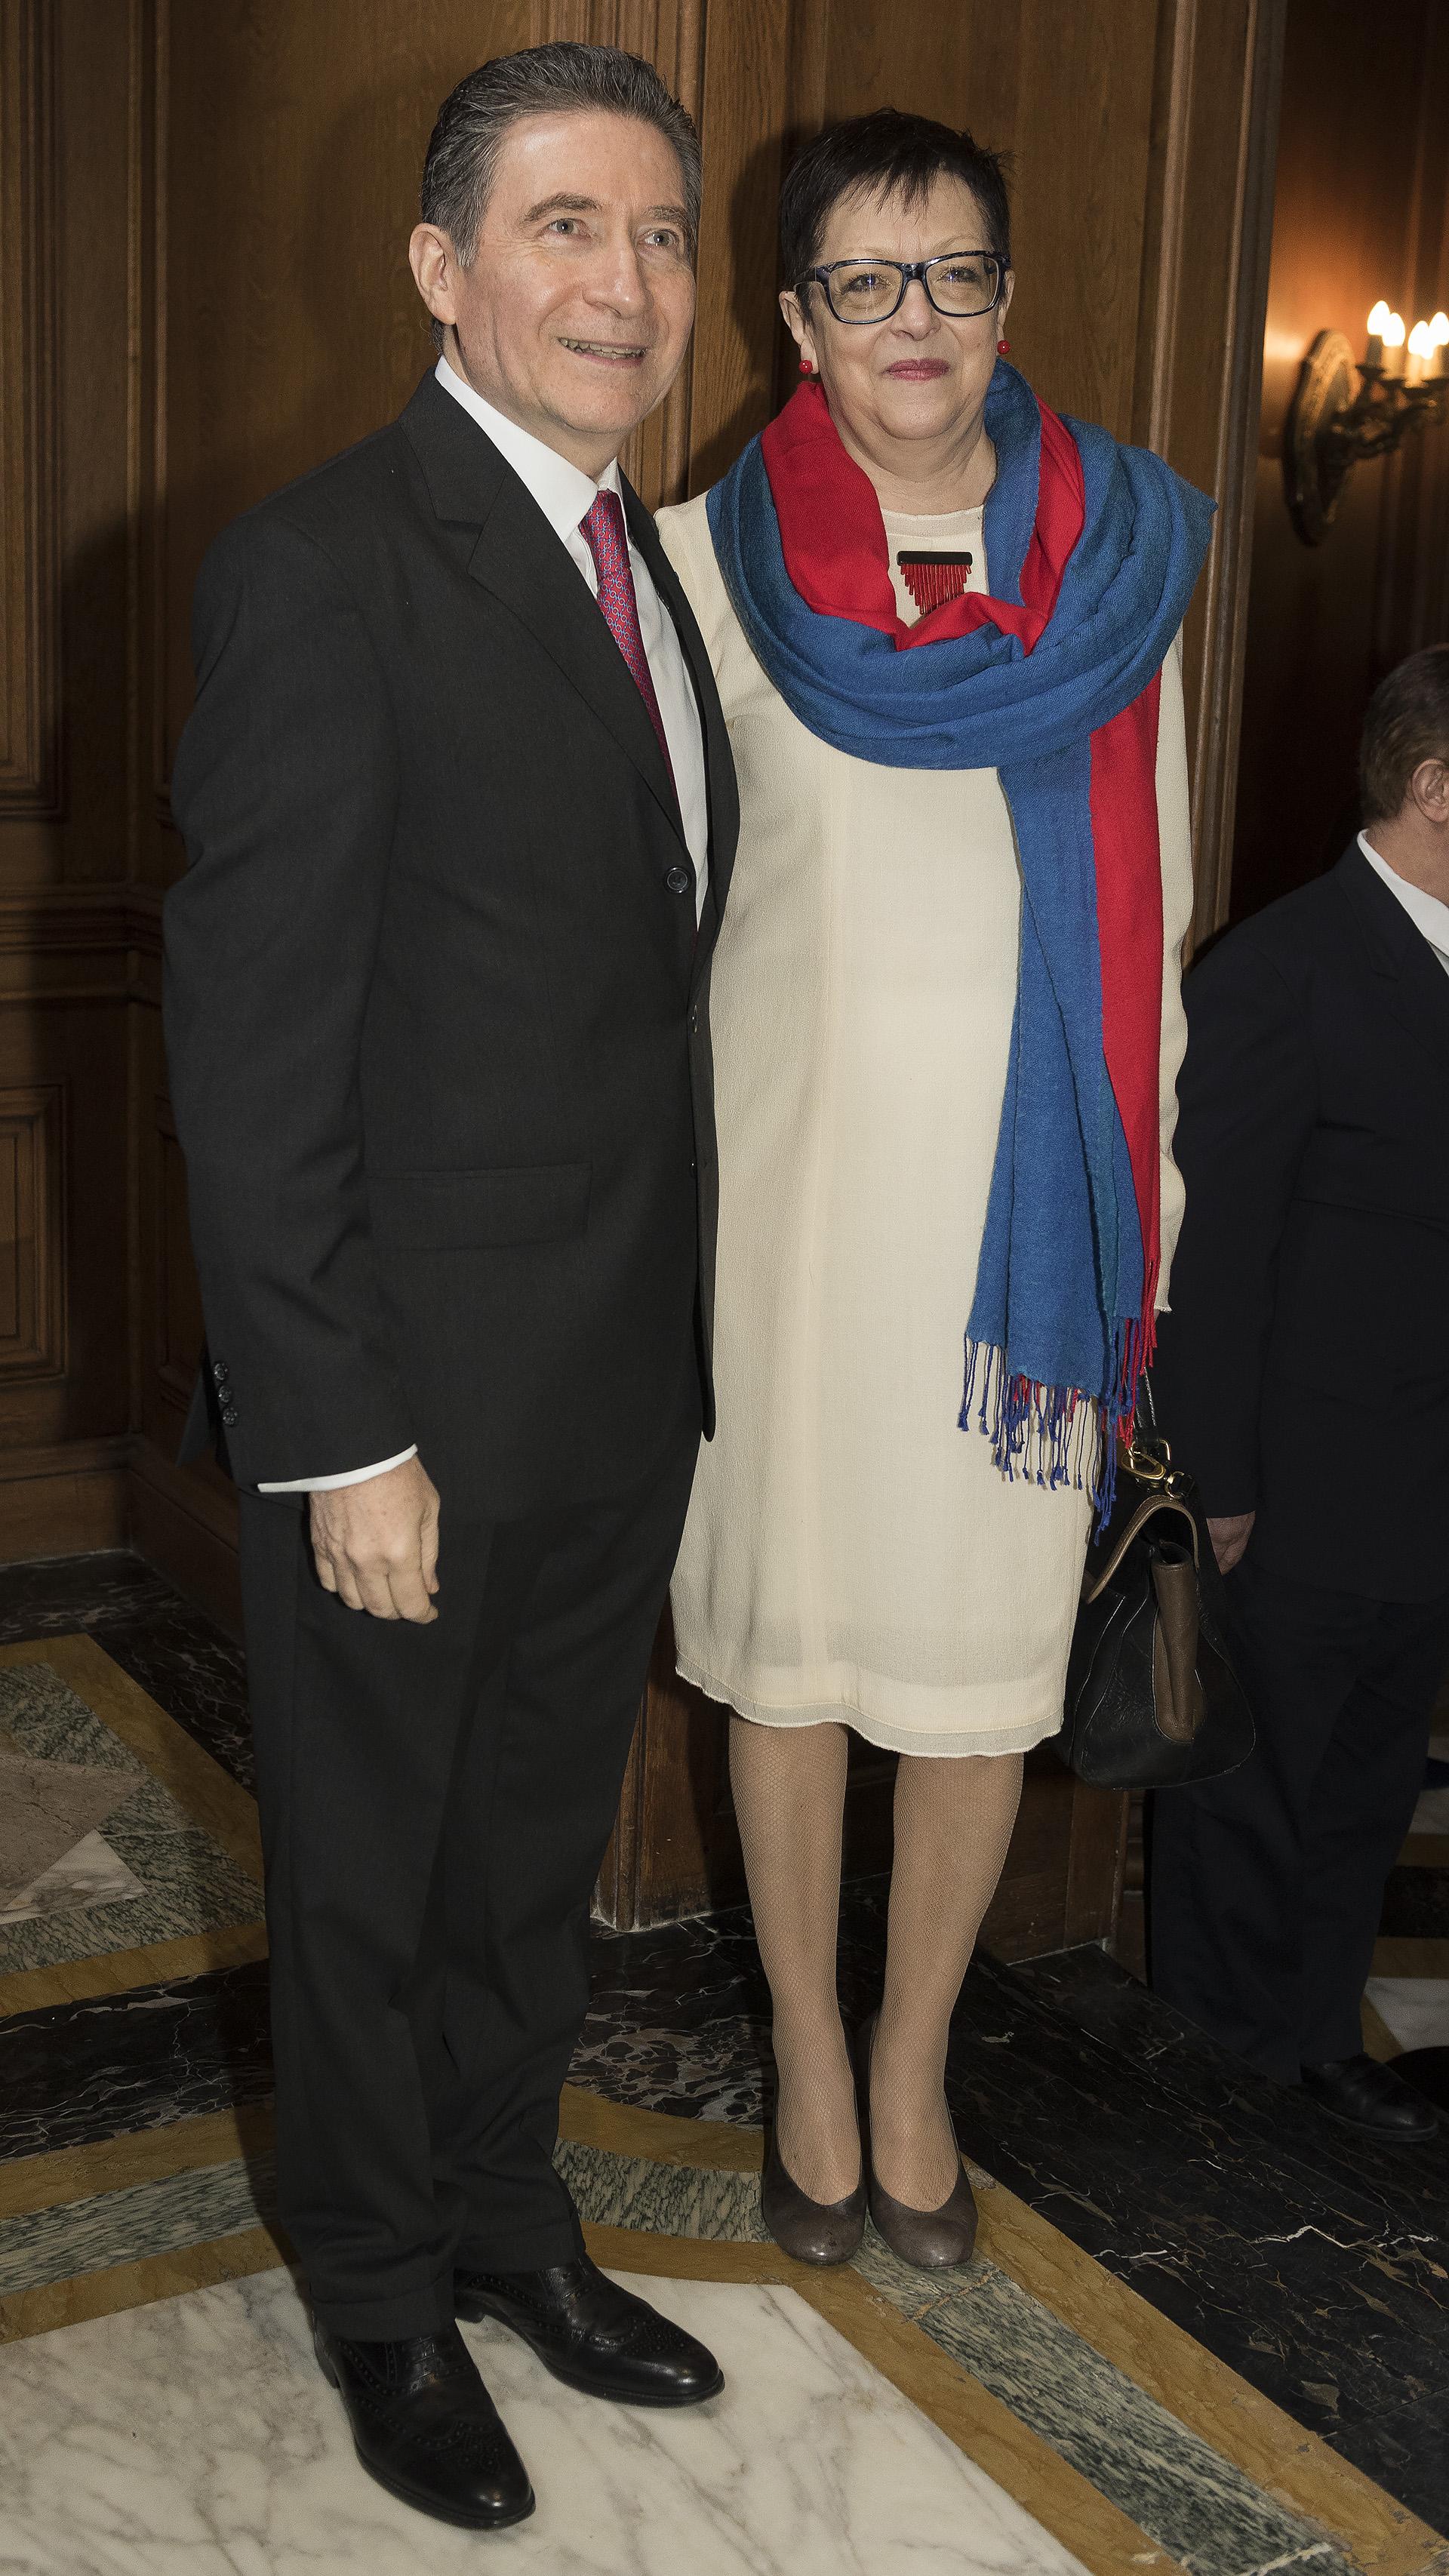 La embajadora de Rumania, Carmen Liliana Podgorean